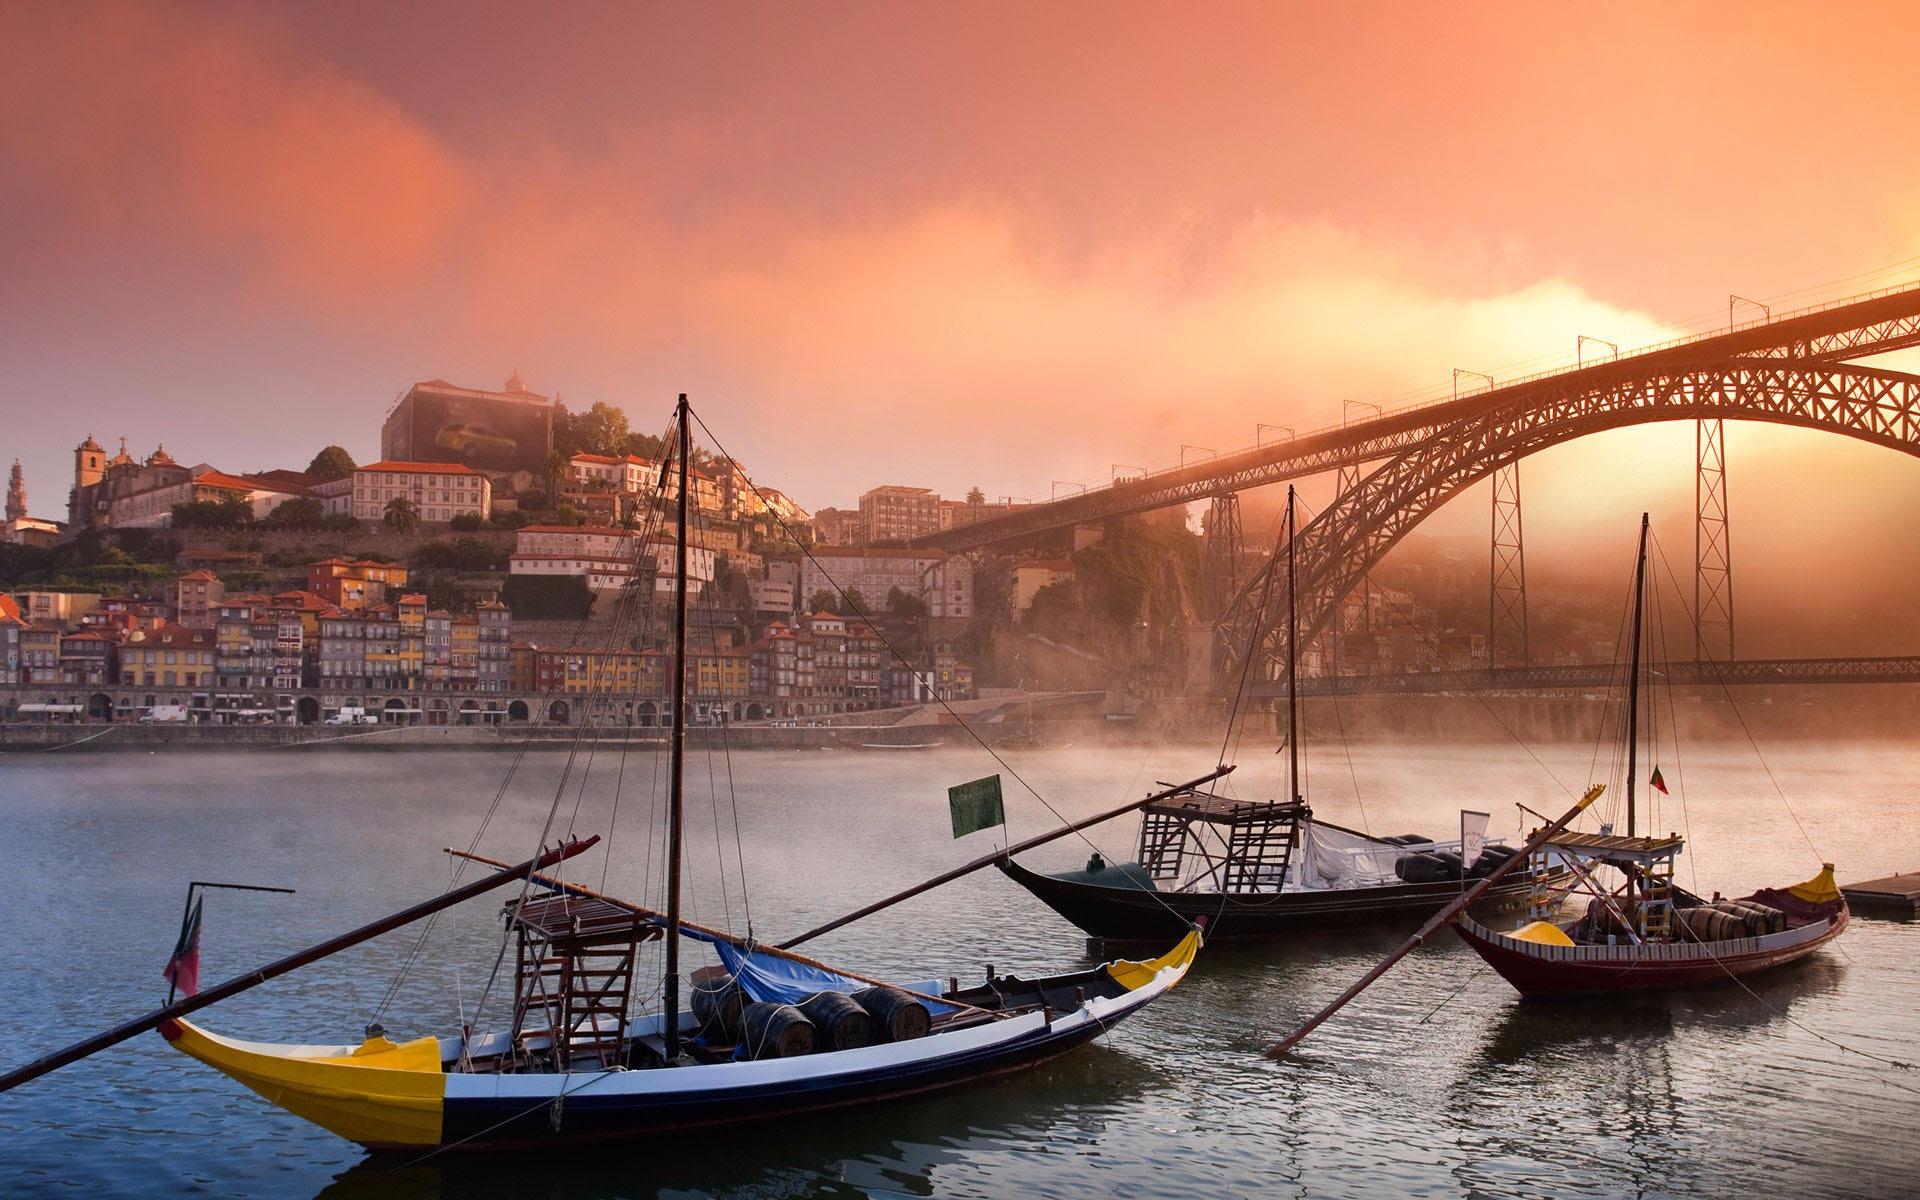 PORTEKİZ & İSPANYA TURU PORTO(1) & FATIMA &  LİZBON (2) & MERİDA & SEVİLLA (1) CORDOBA & GRANADA (2) & MADRİD (2) Türk Havayolları Tarifeli Seferi ile … 10 Aralık  2016 Hareket… 8 Gece Tüm Turlar Dahildir, Extra Tur YokturAntalya/İstanbul/Antalya iç hat bağlantı (tah. 80 euro) Turu